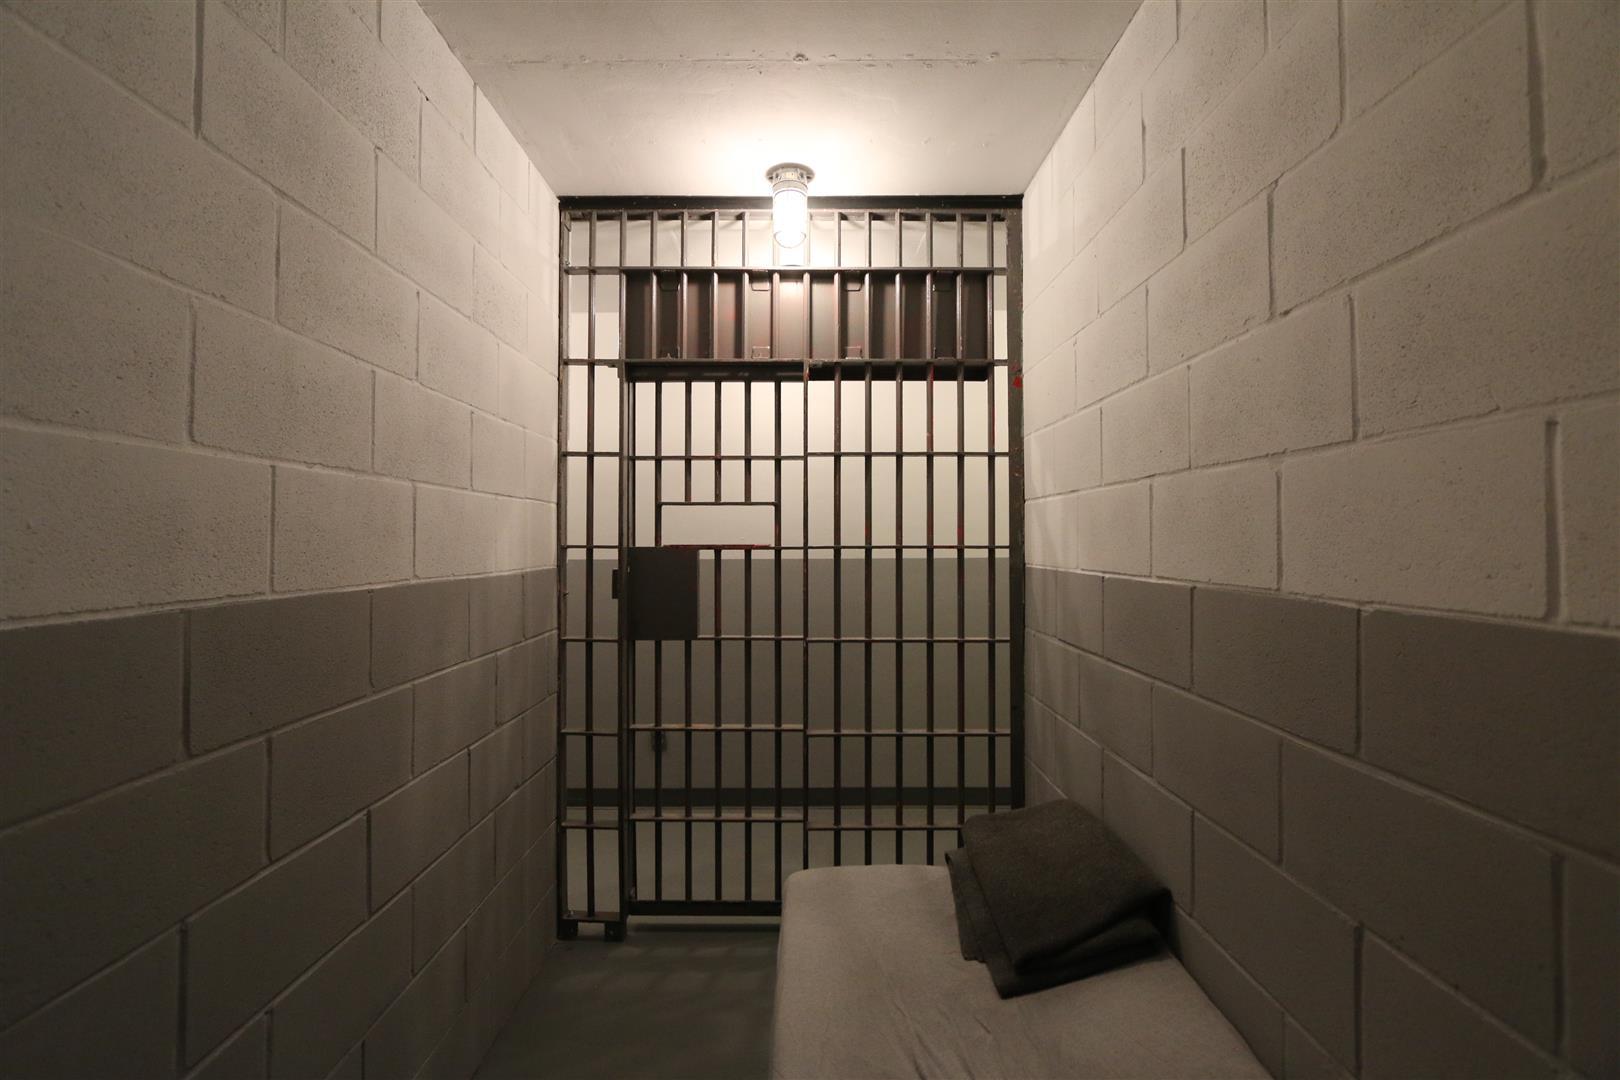 Cell I inside